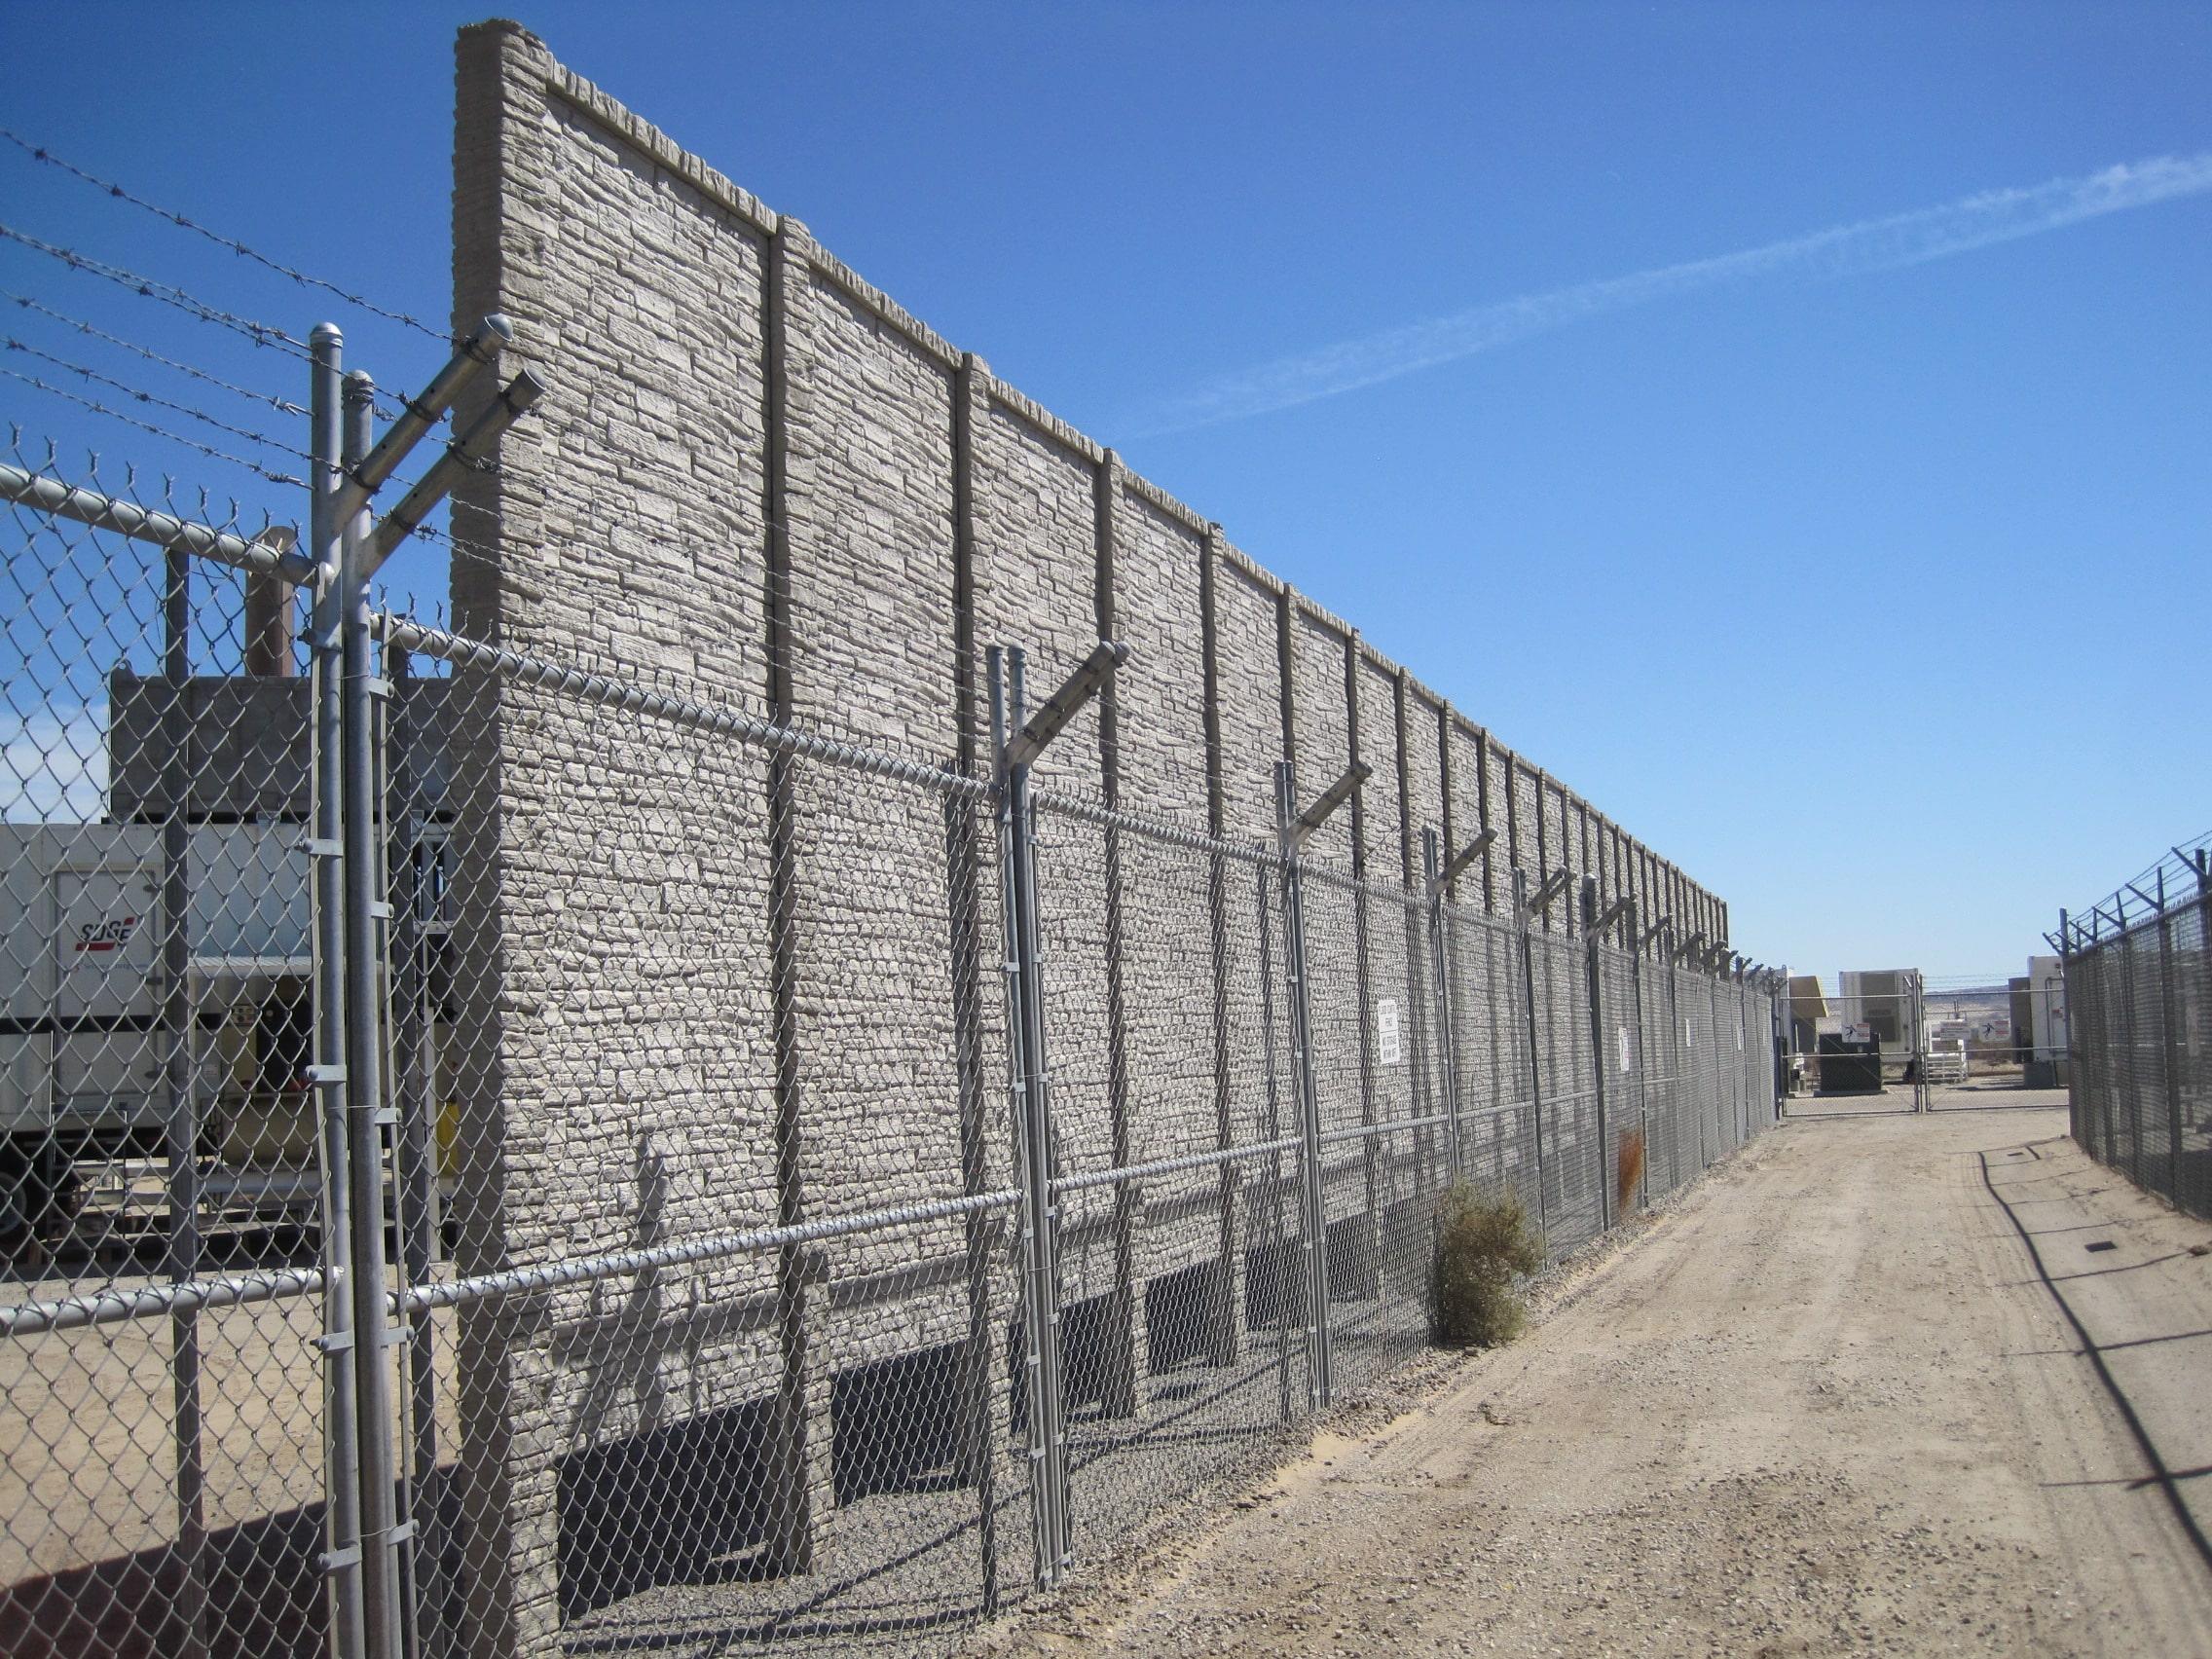 Concrete Fence Public Works Project